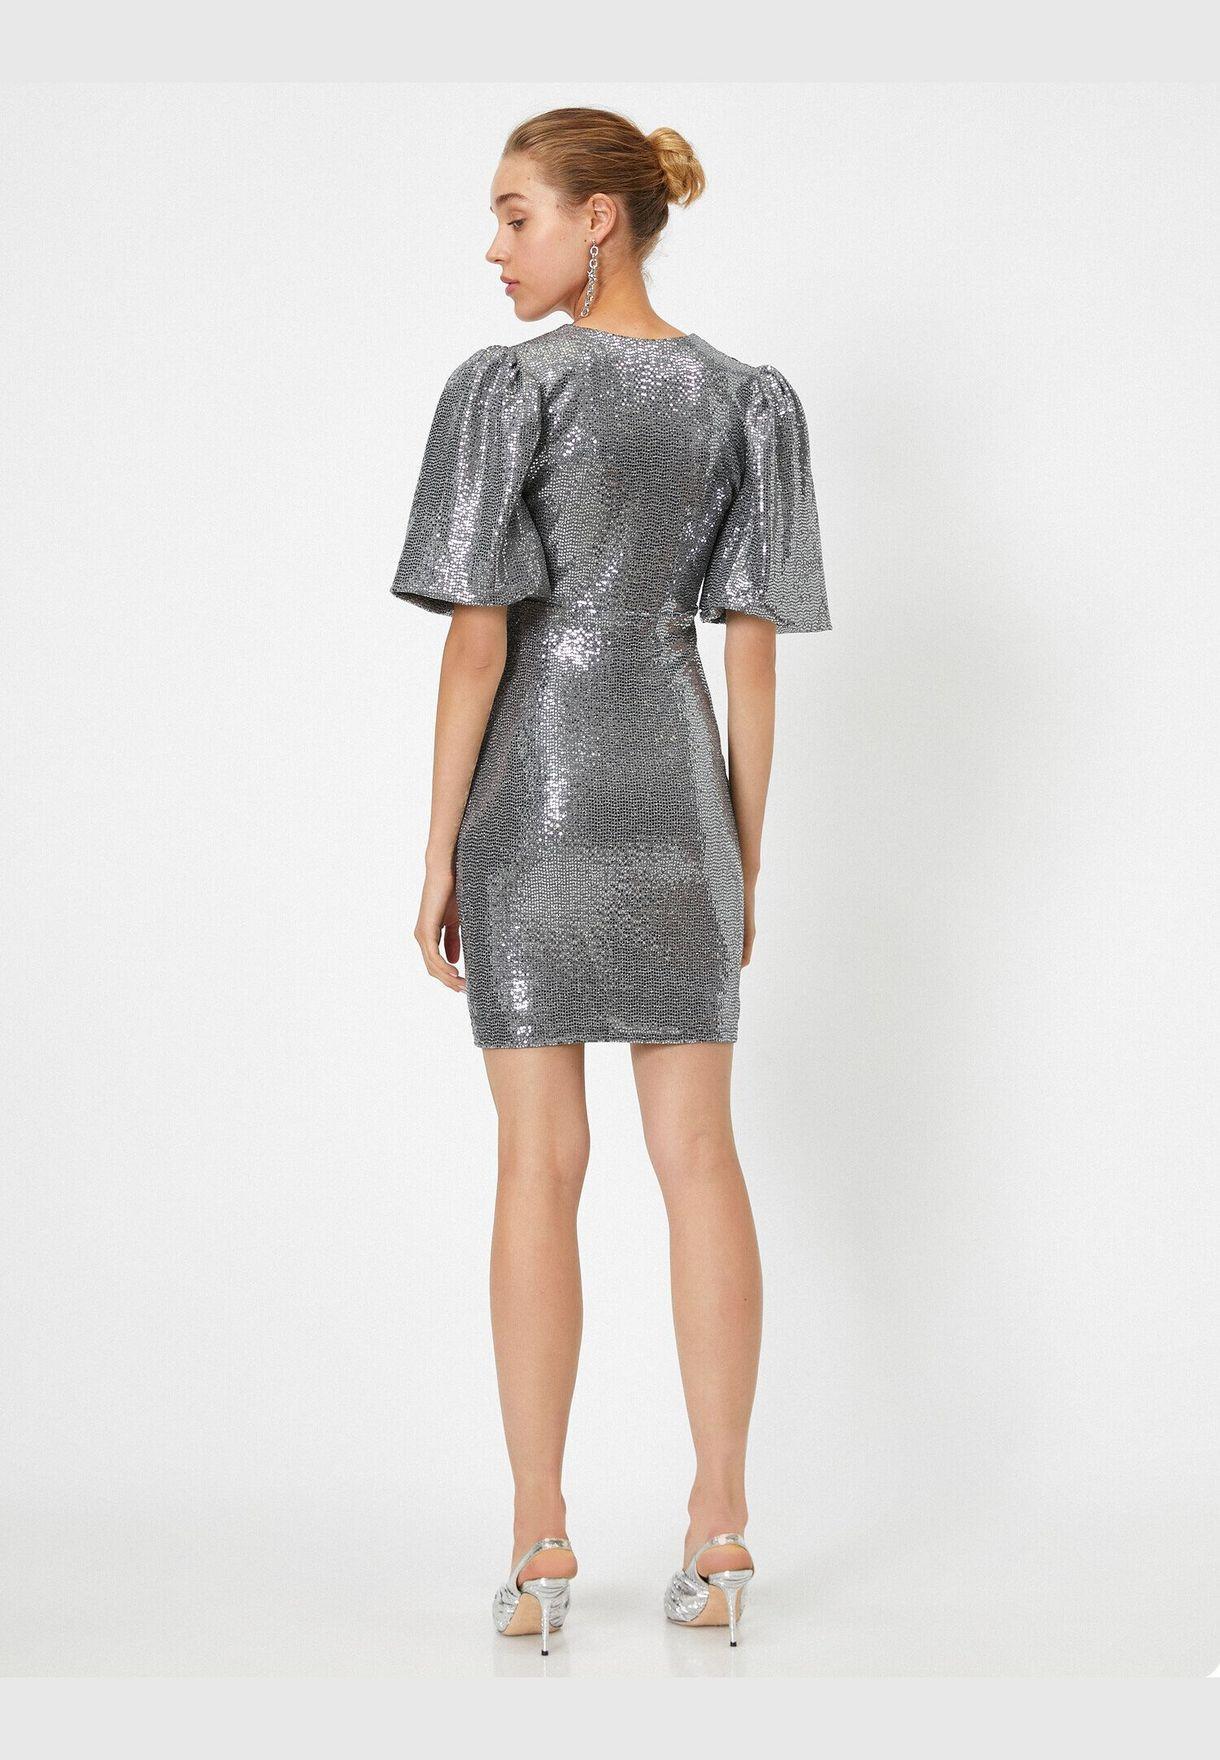 Short Sleeve V Neck Sequin Mini Dress